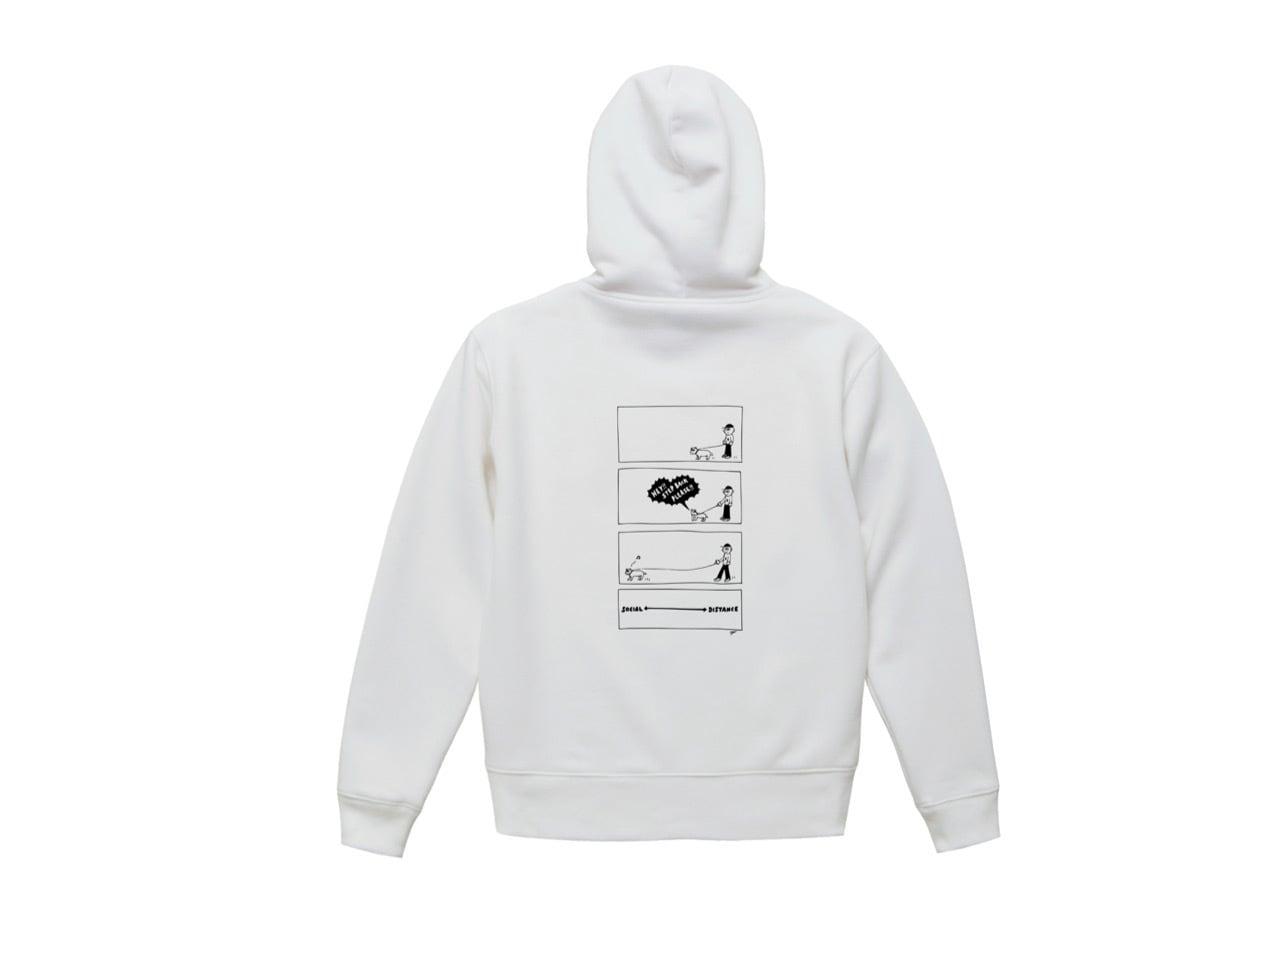 SHI × coguchi Dog SD hoodie (WH/BLK)